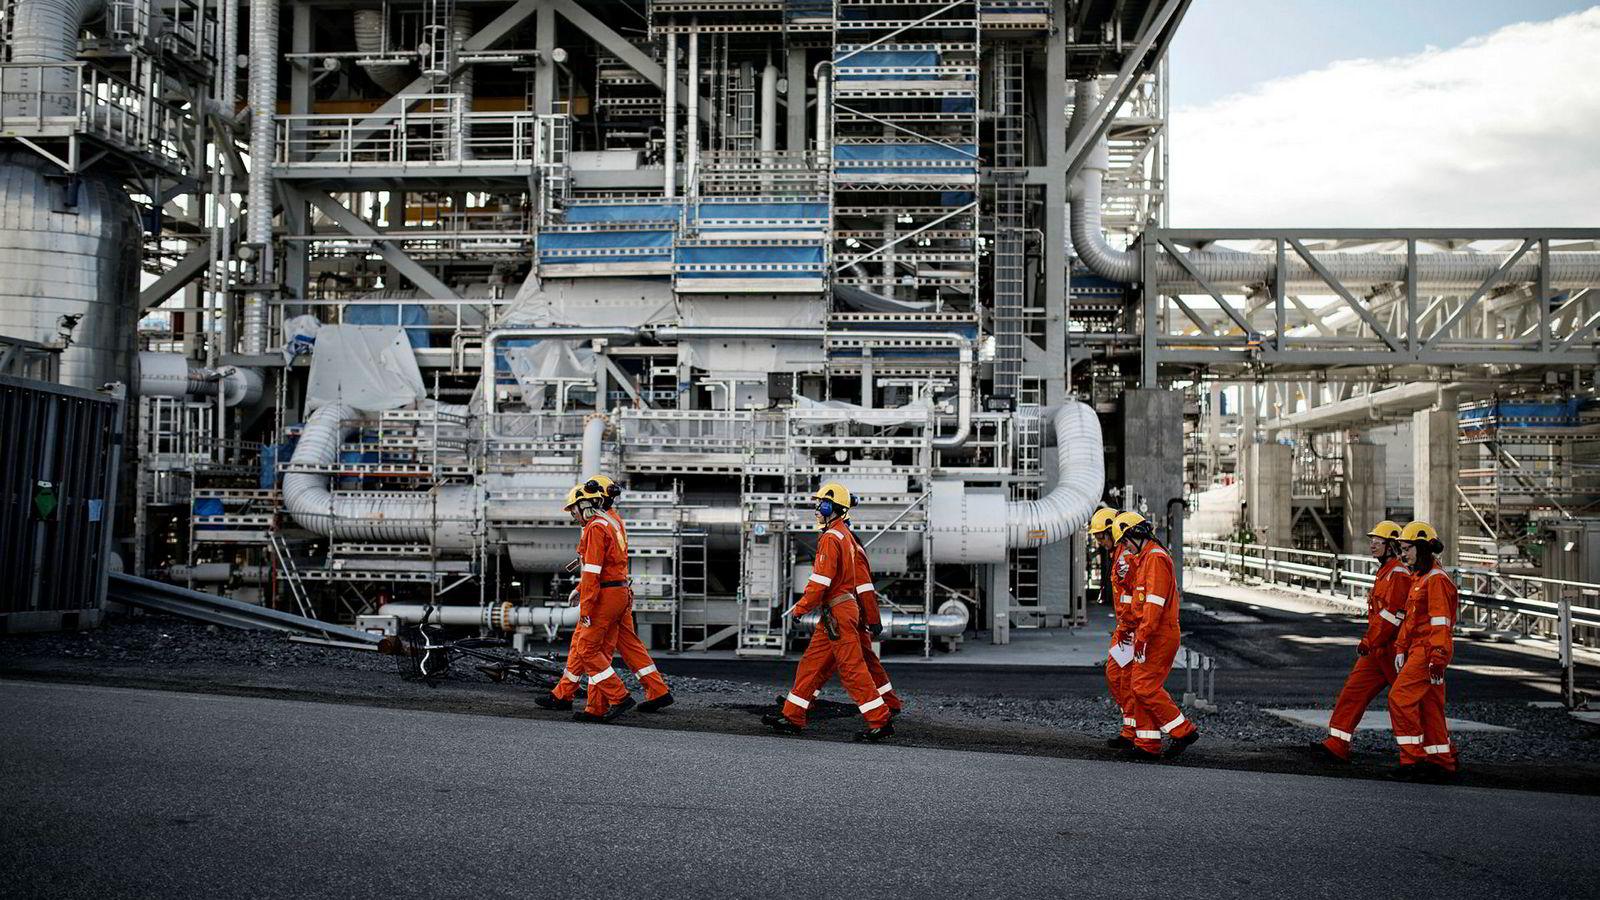 Beerenberg oppdaget sprekker i toppstrøket fra Jotun på brannisolasjon levert til Shells gassanlegg på Nyhamna utenfor Molde.